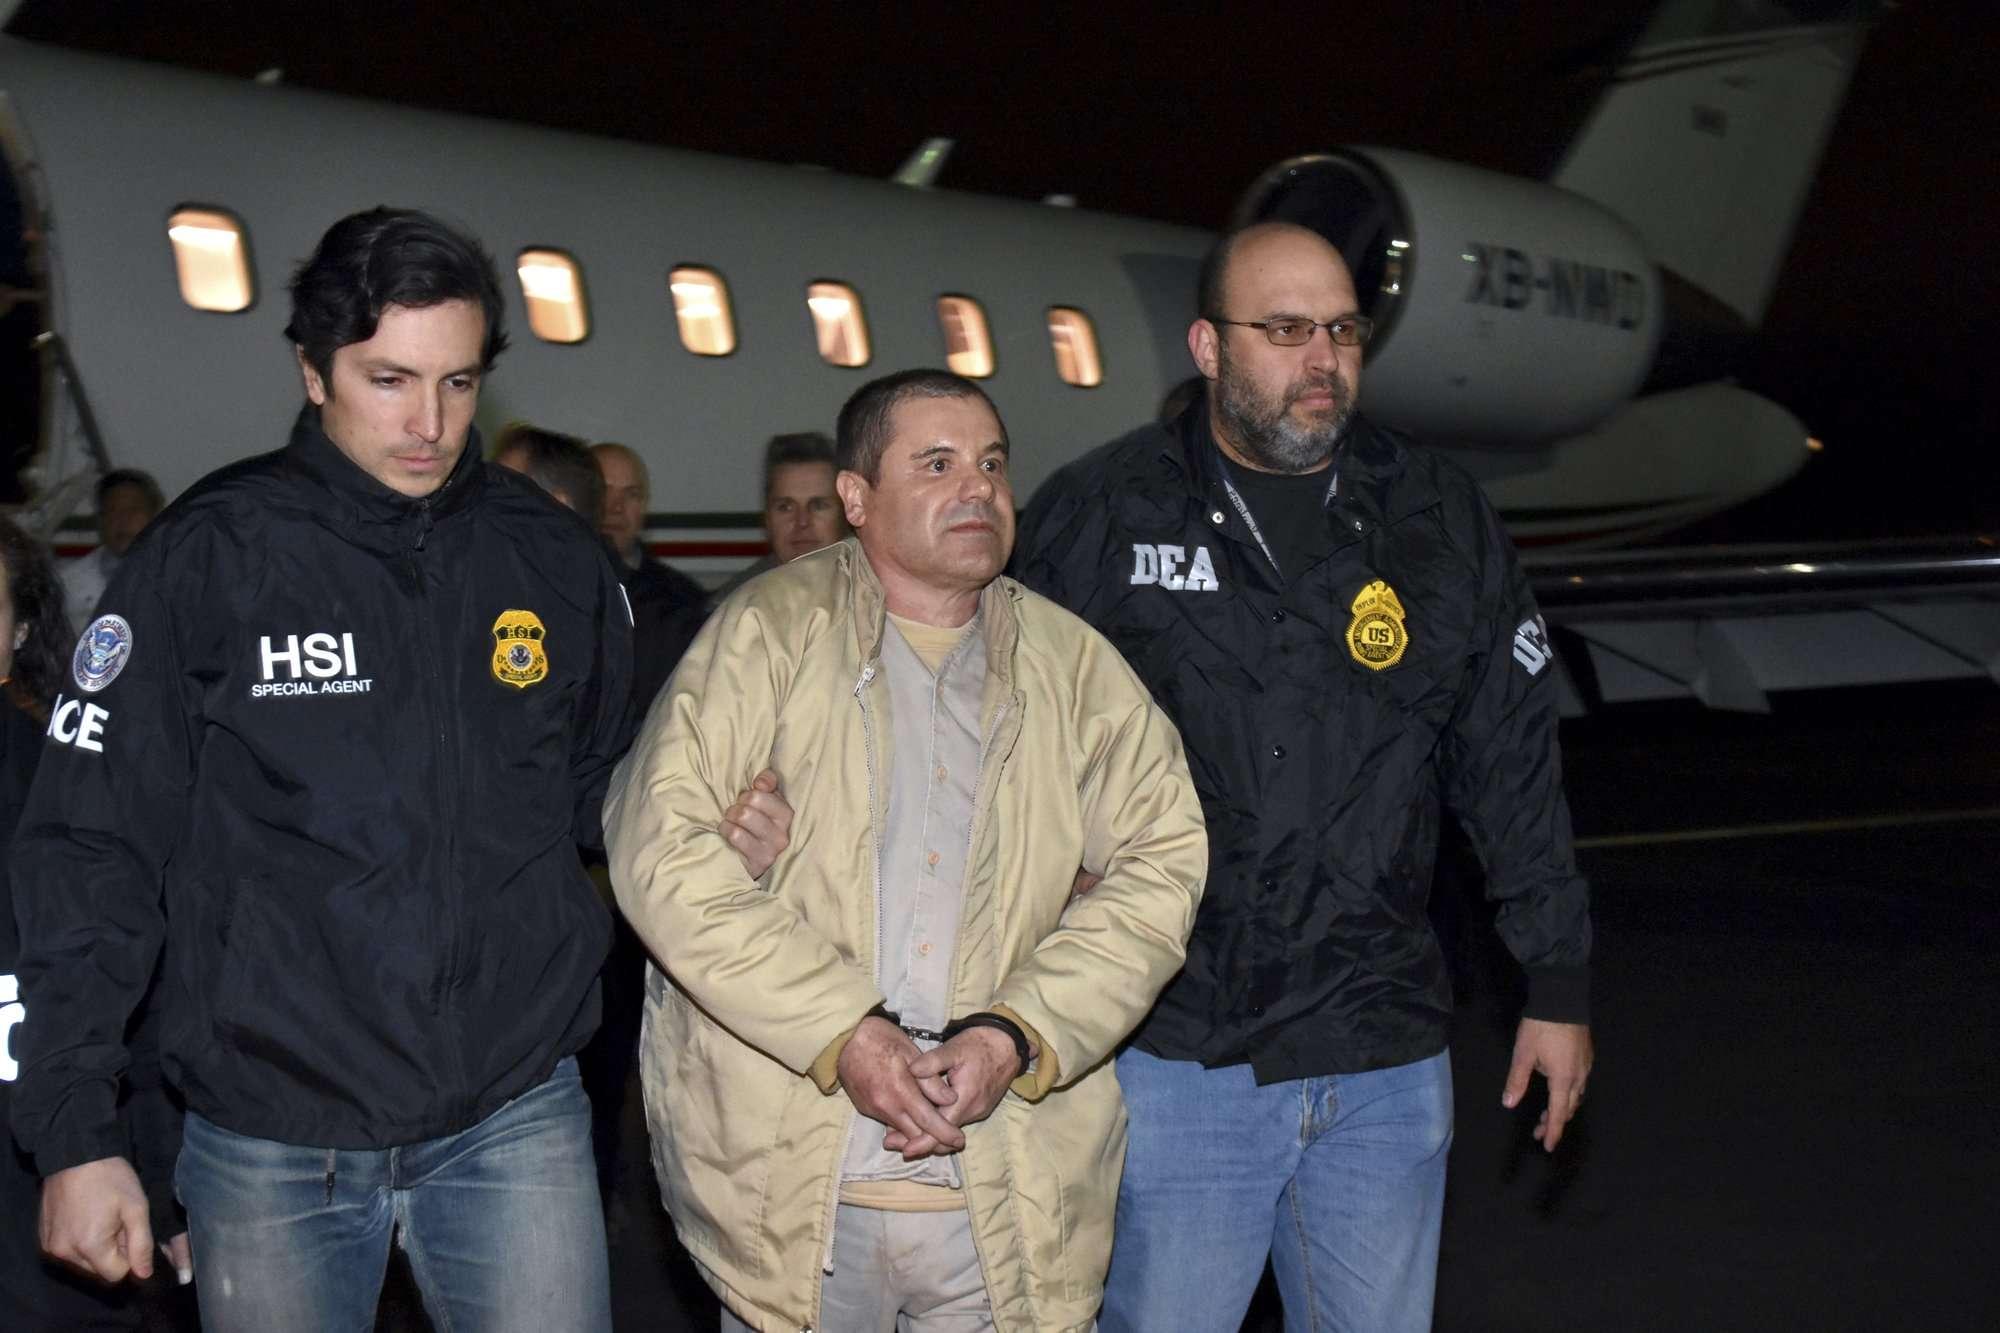 """Foto de archivo del 19 de enero de 2017, la policía de EE. UU. Escoltó a Joaquín """"El Chapo"""" Guzmán, en el centro, desde un avión a una caravana de SUV en el aeropuerto Long Island MacArthur, en Ronkonkoma, Nueva York. AP"""